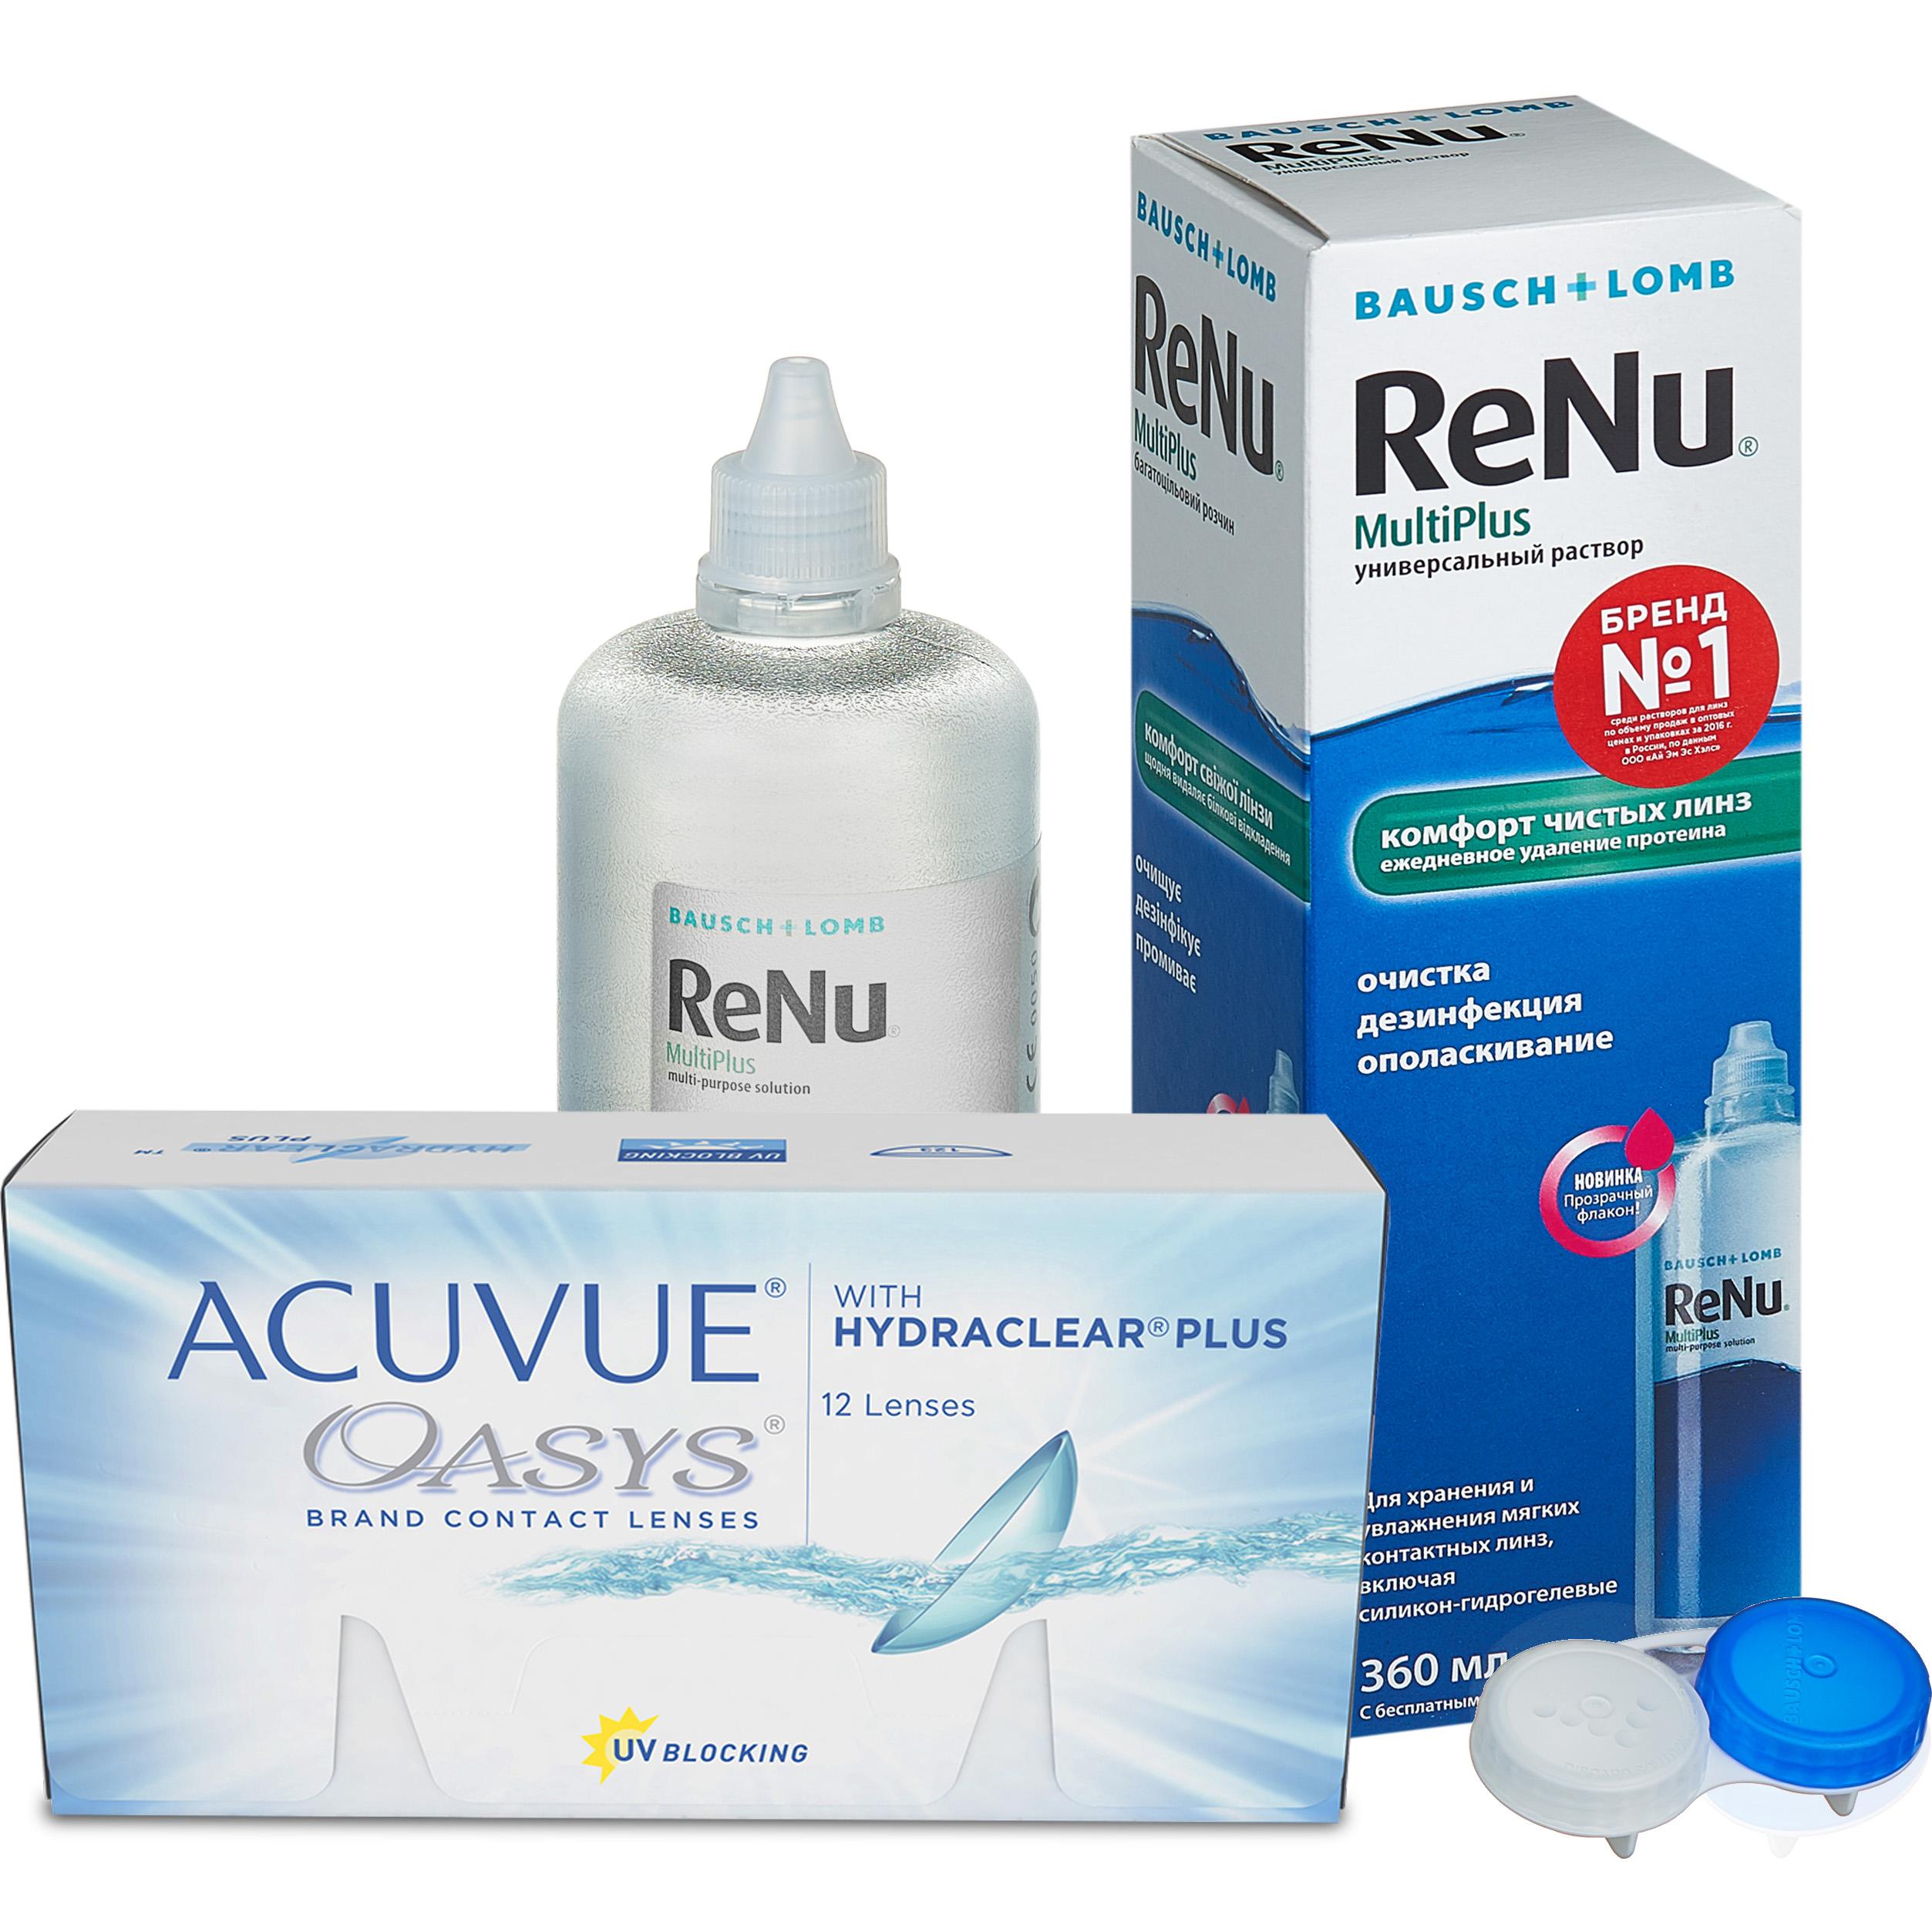 Купить Oasys with Hydraclear Plus 12 линз + ReNu MultiPlus, Линзы Acuvue Oasys with Hydraclear Plus 12 линз R 8.4 +4, 25 + ReNu Multi Plus 360 мл